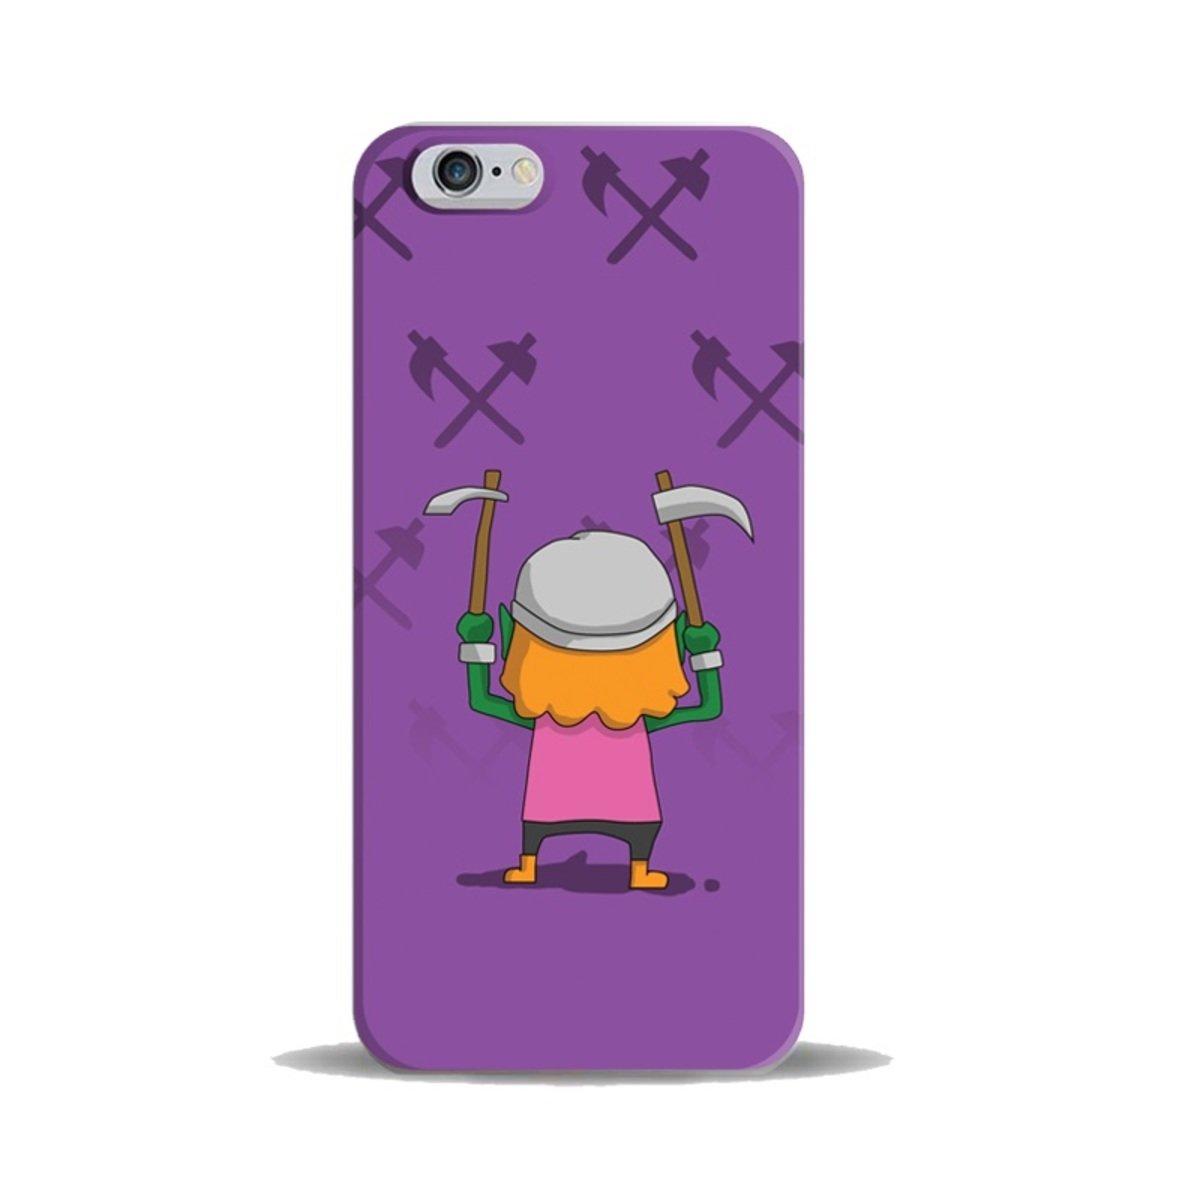 """iPhase - iPhone 6 (4.7"""") 手機膠殼電話保護套 4.7寸 (GorGor) (另有適合iPhone 6 Plus 5.5寸型號)"""